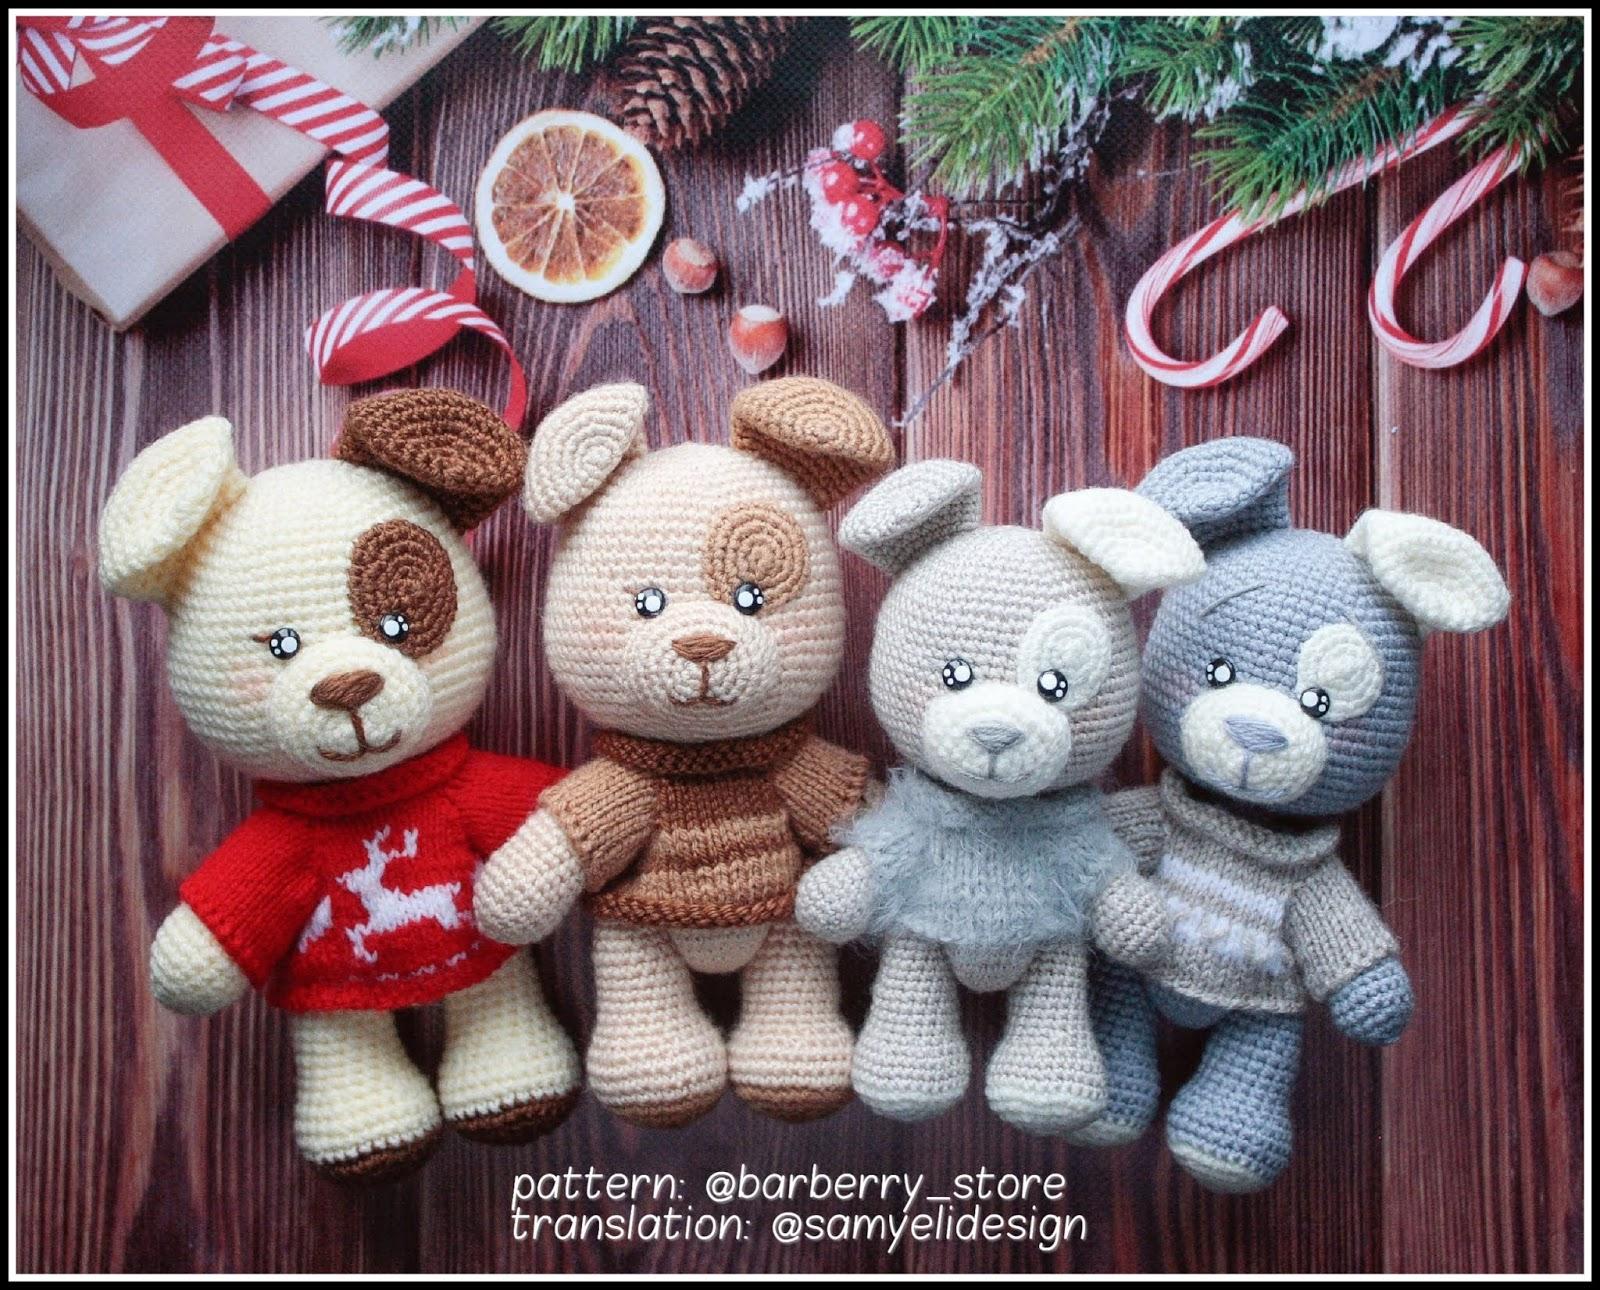 DIY Crochet Amigurumi Puppy Dog Stuffed Toy Free Patterns ... | 1290x1600